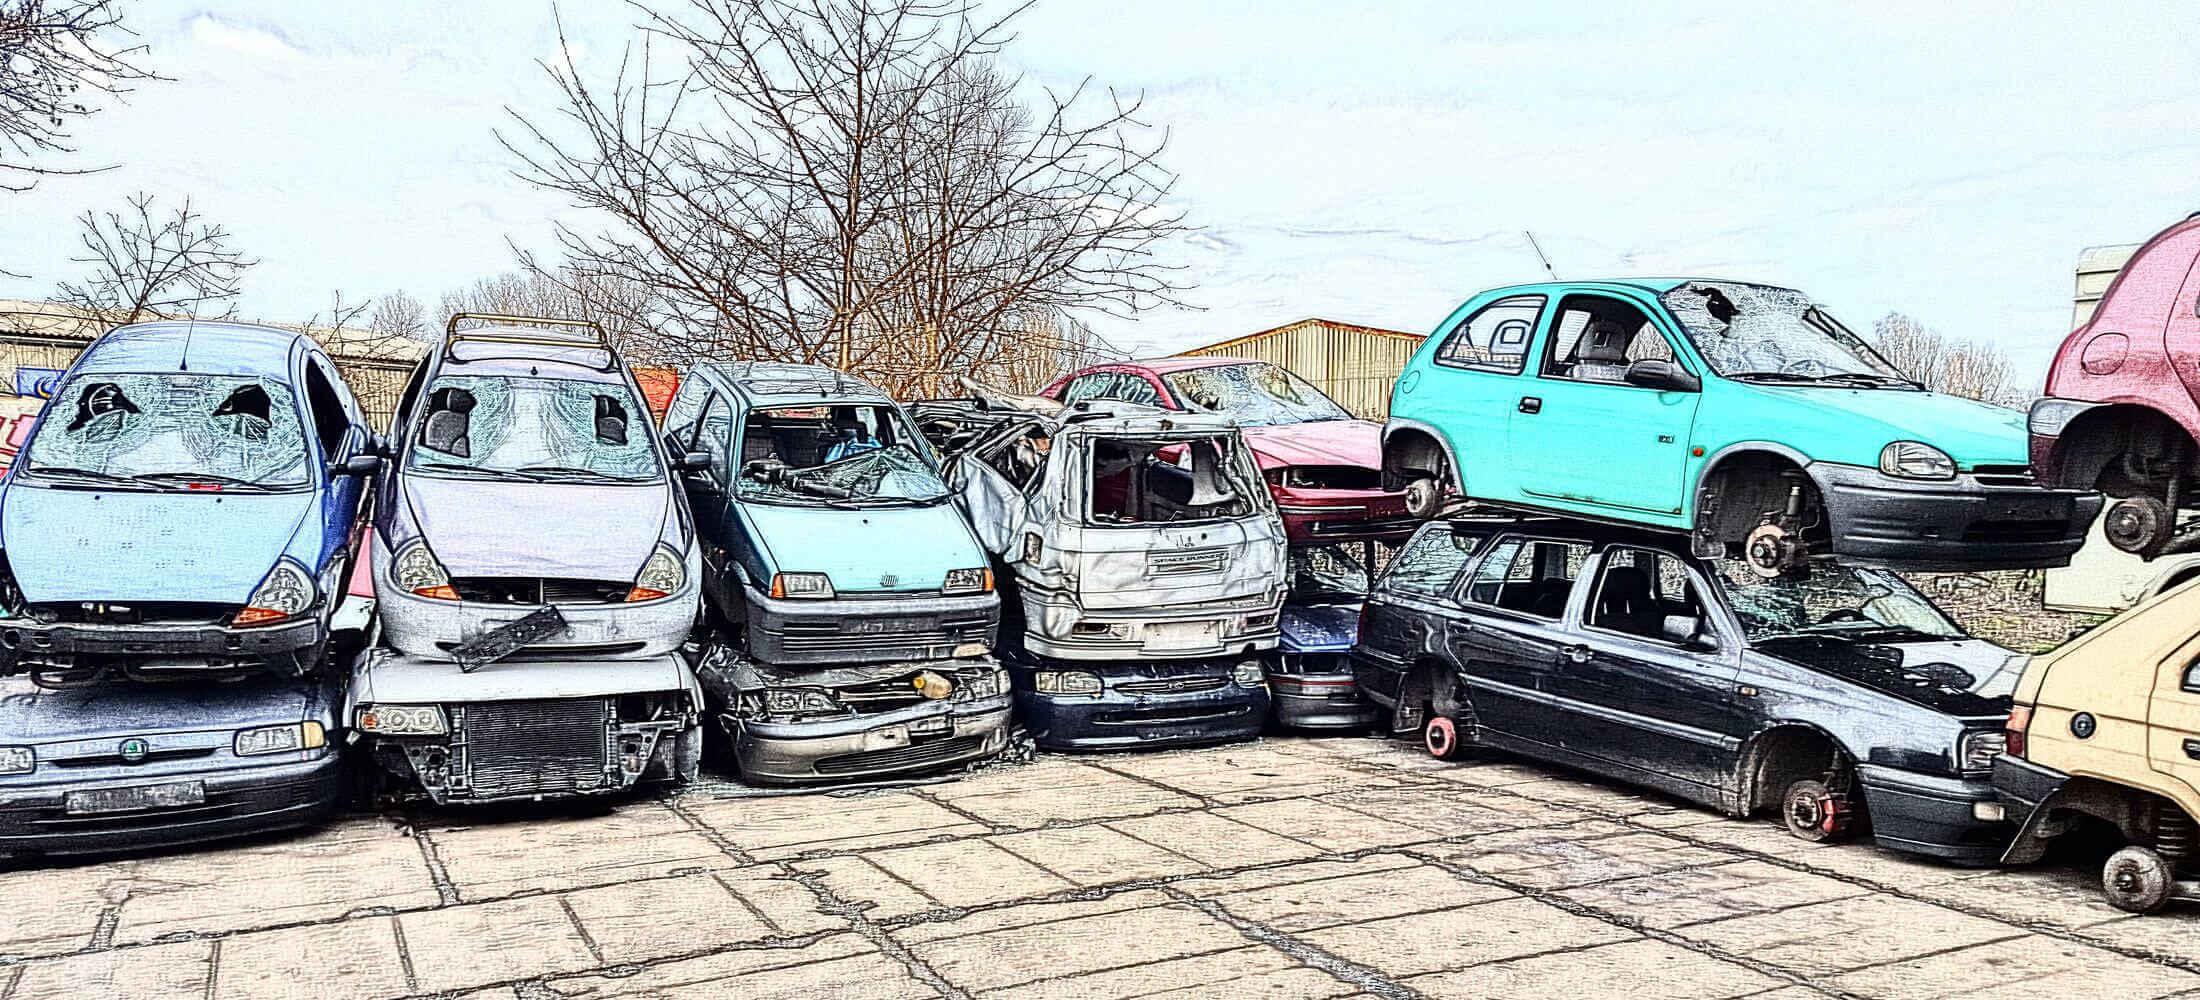 Výkup automobilů a likvidace vozidel